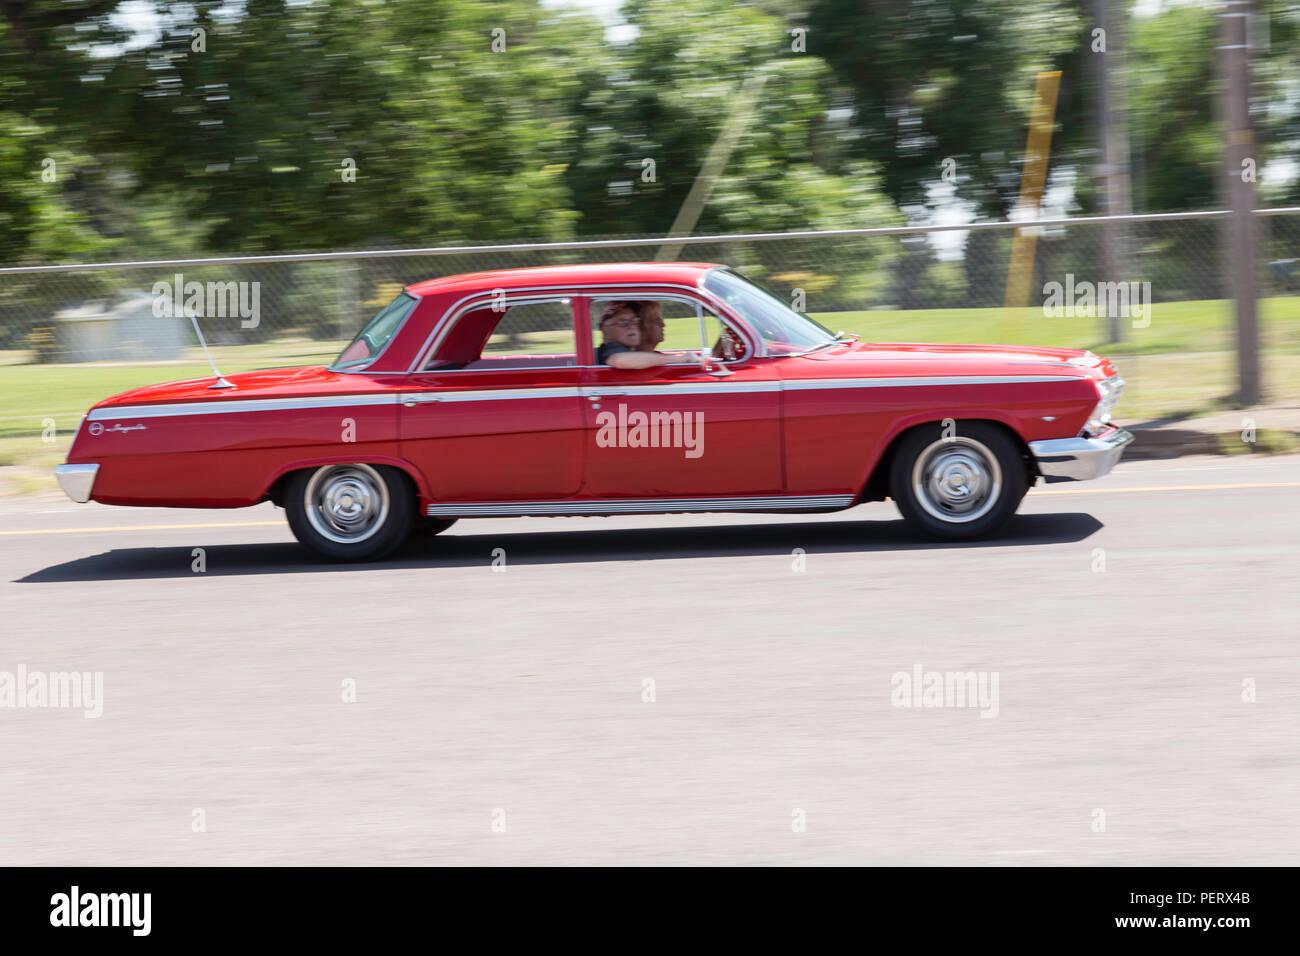 1962 Chevrolet Impala Stockfotos Und Bilder Kaufen Alamy